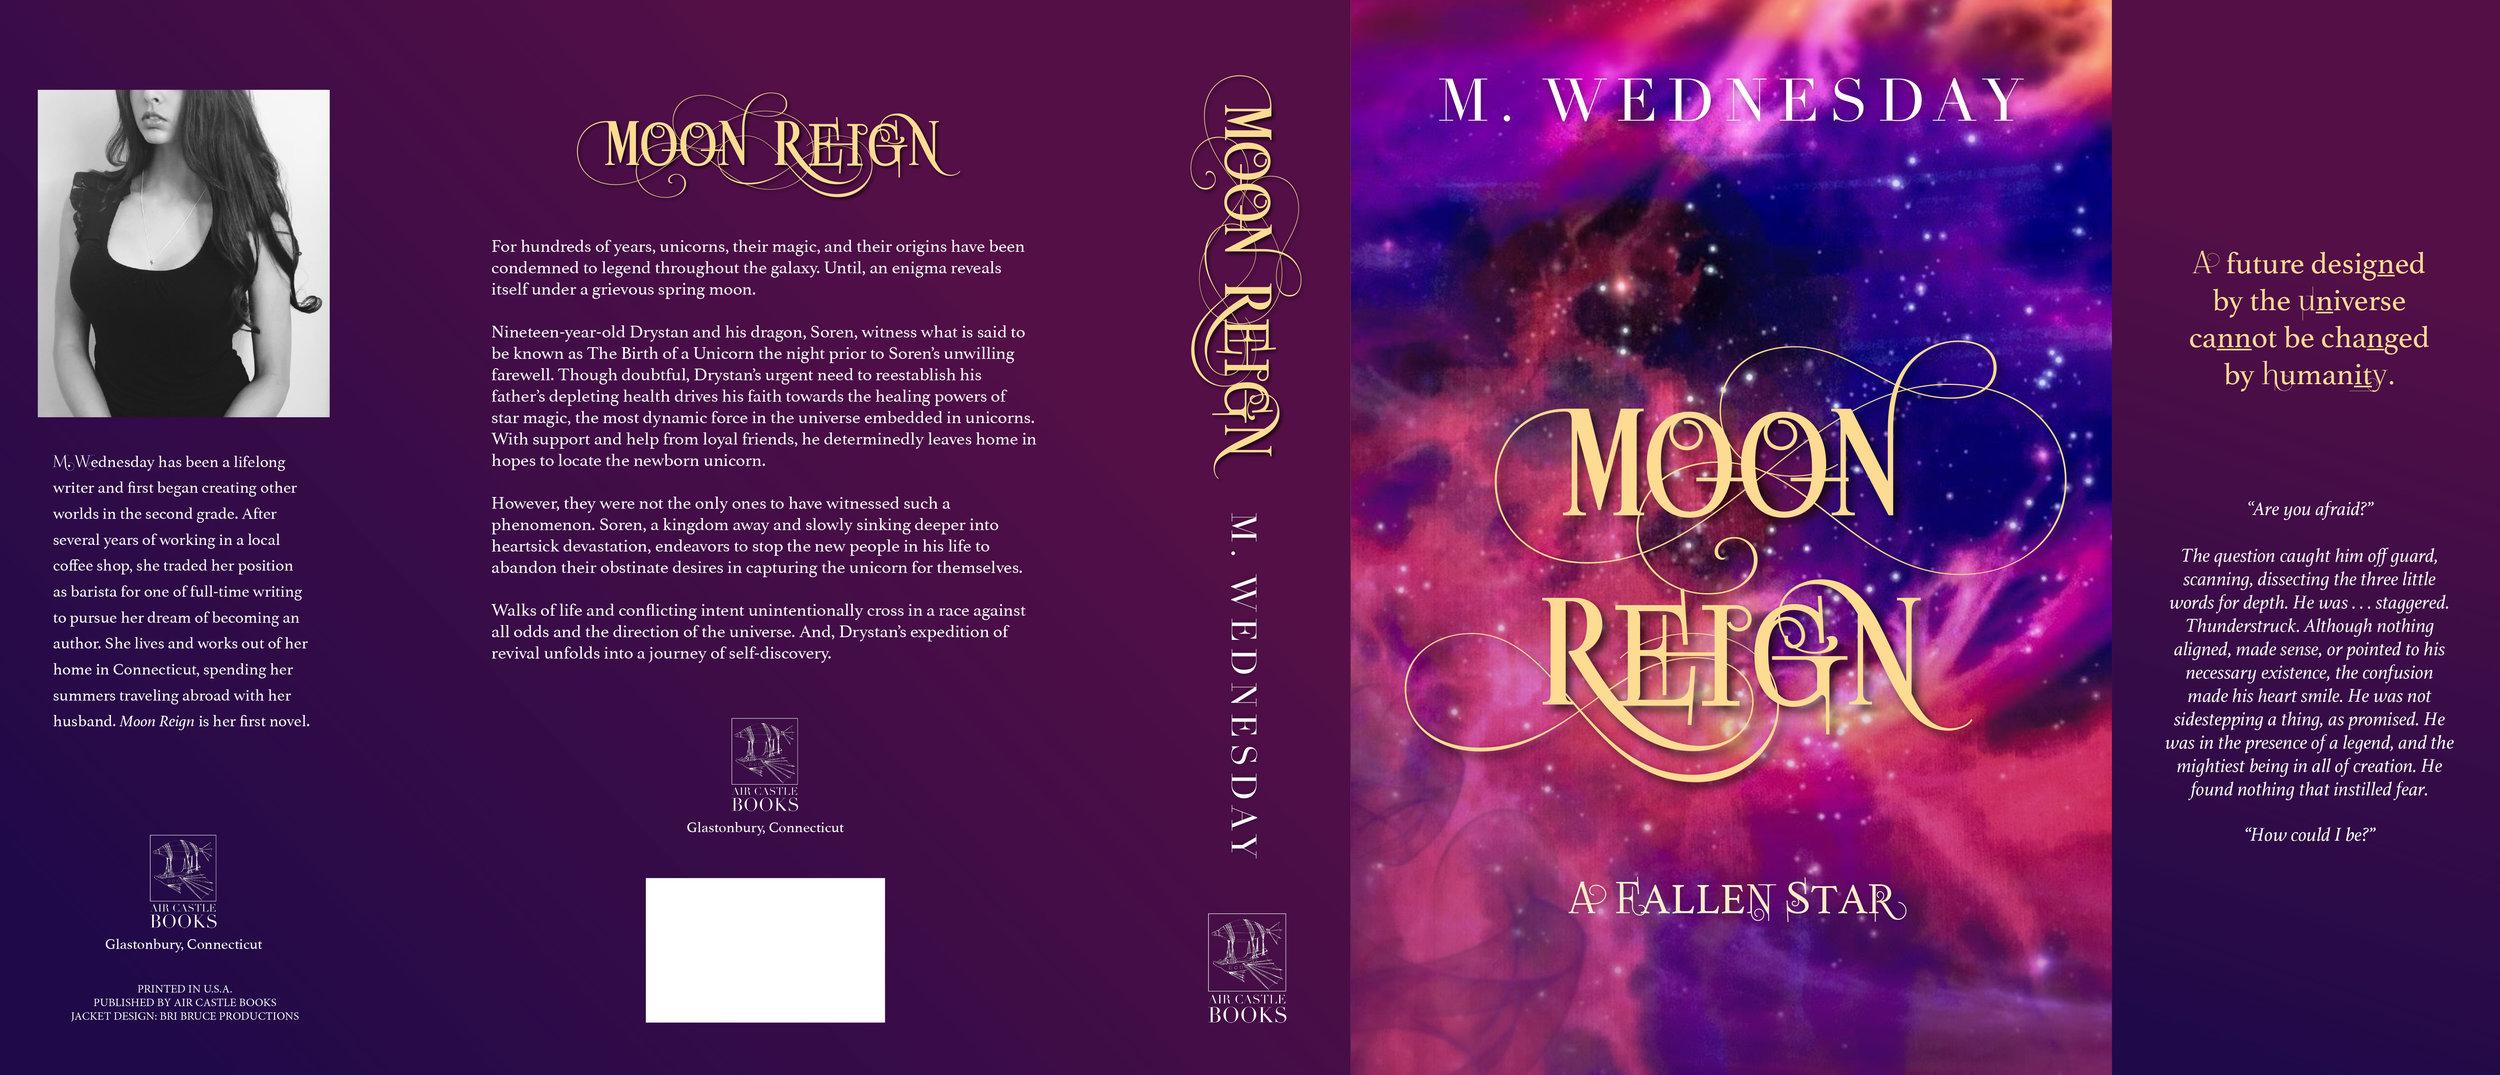 MoonReign_Hardcover_v2.jpg